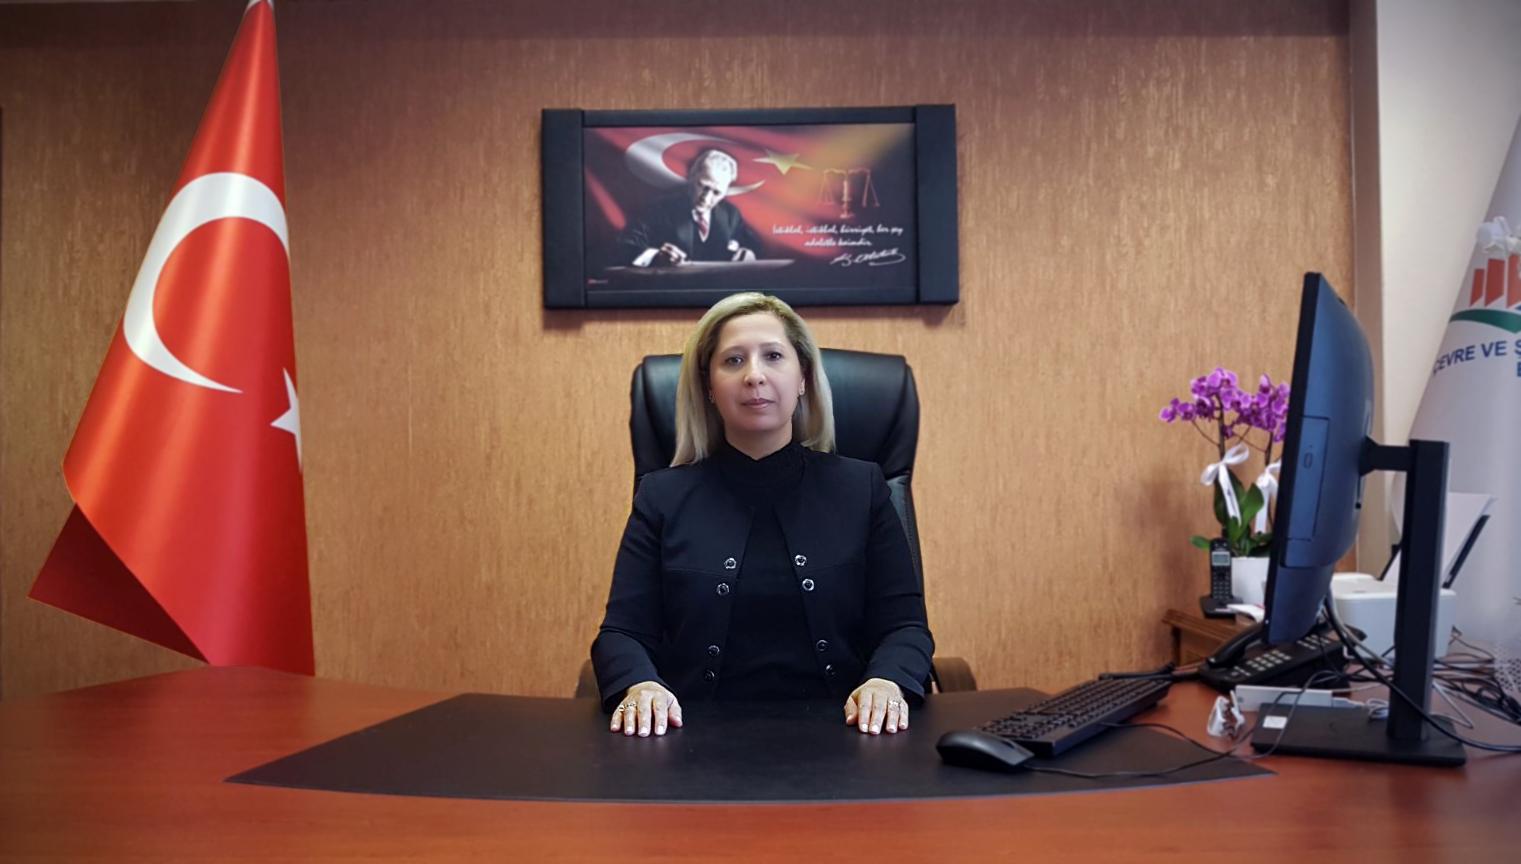 İl Müdürümüz Pelin Ayşe YAĞIZ 18.04.2018 itibariyle görevine başlamıştır.